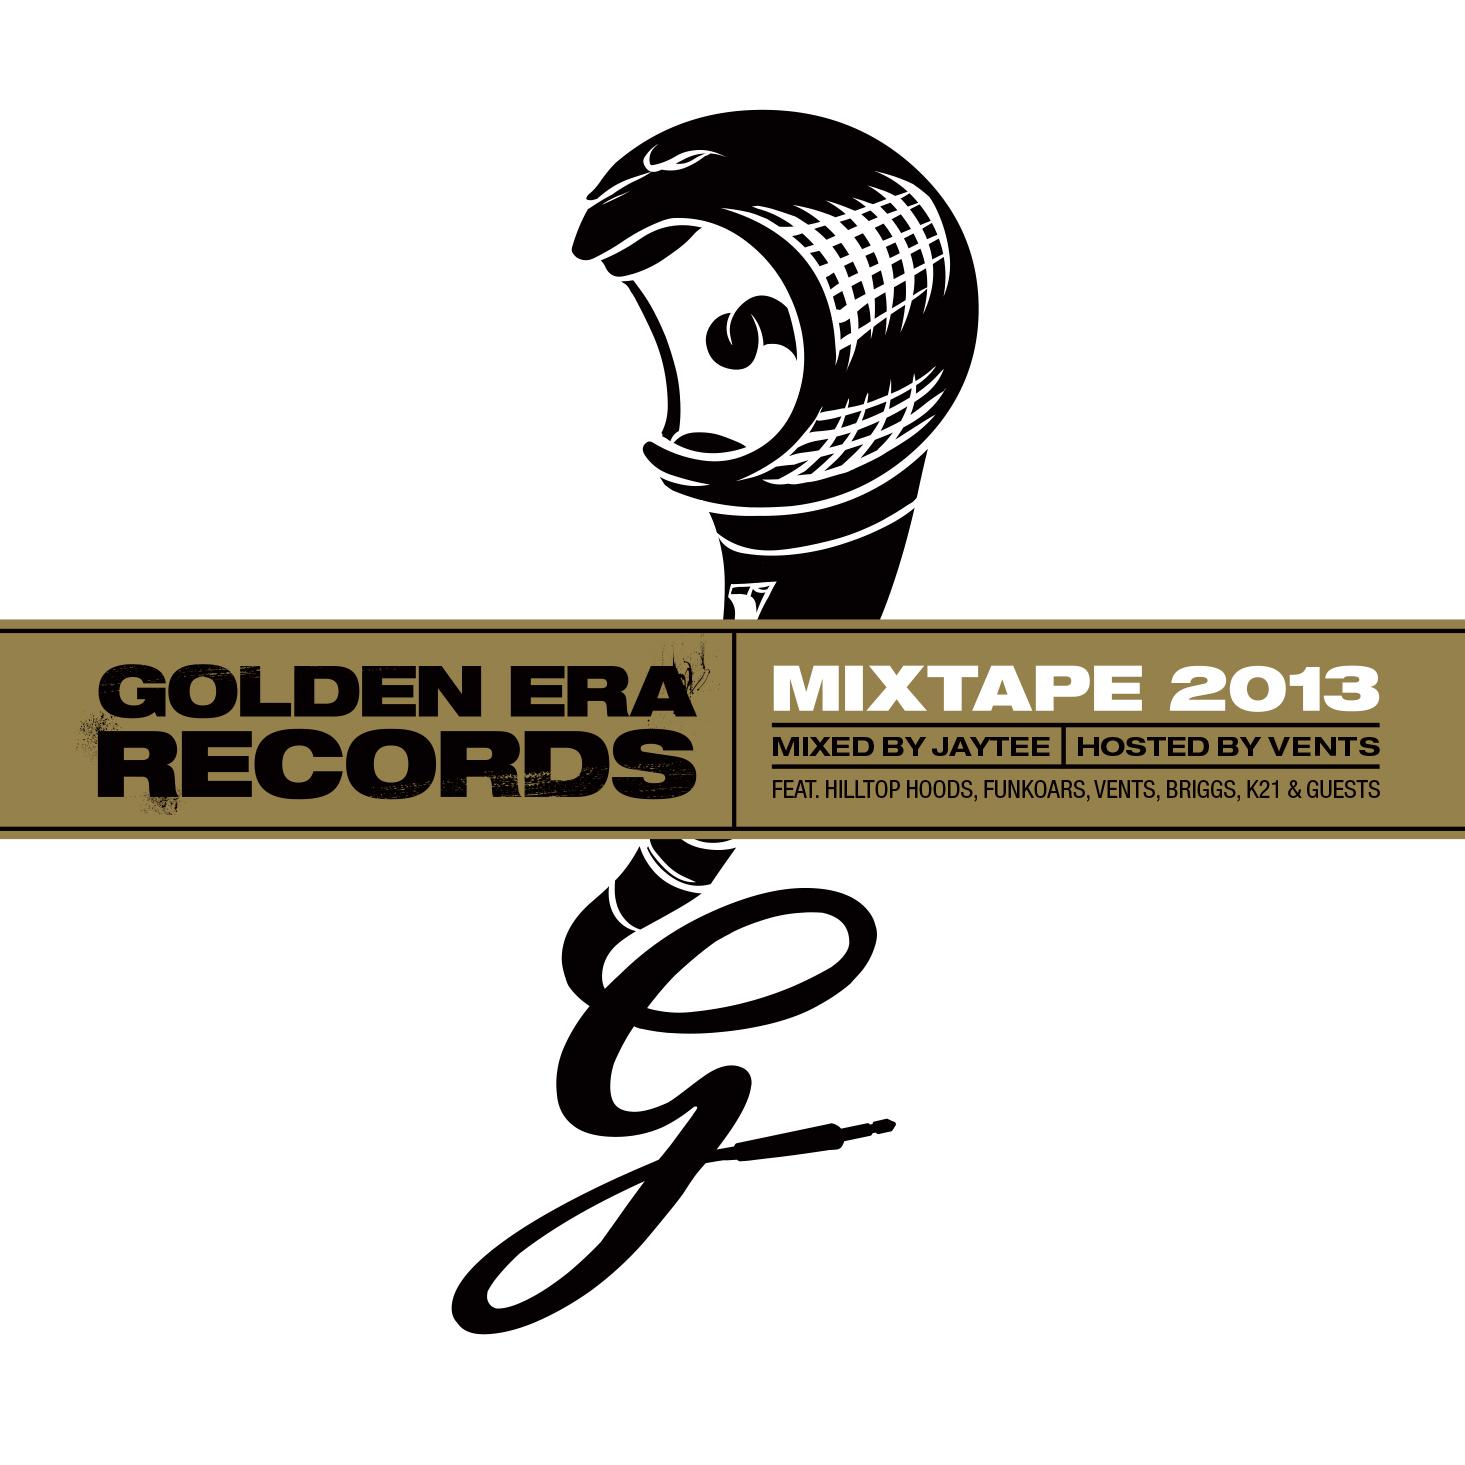 GE_Mixtape2013_Front_Hires